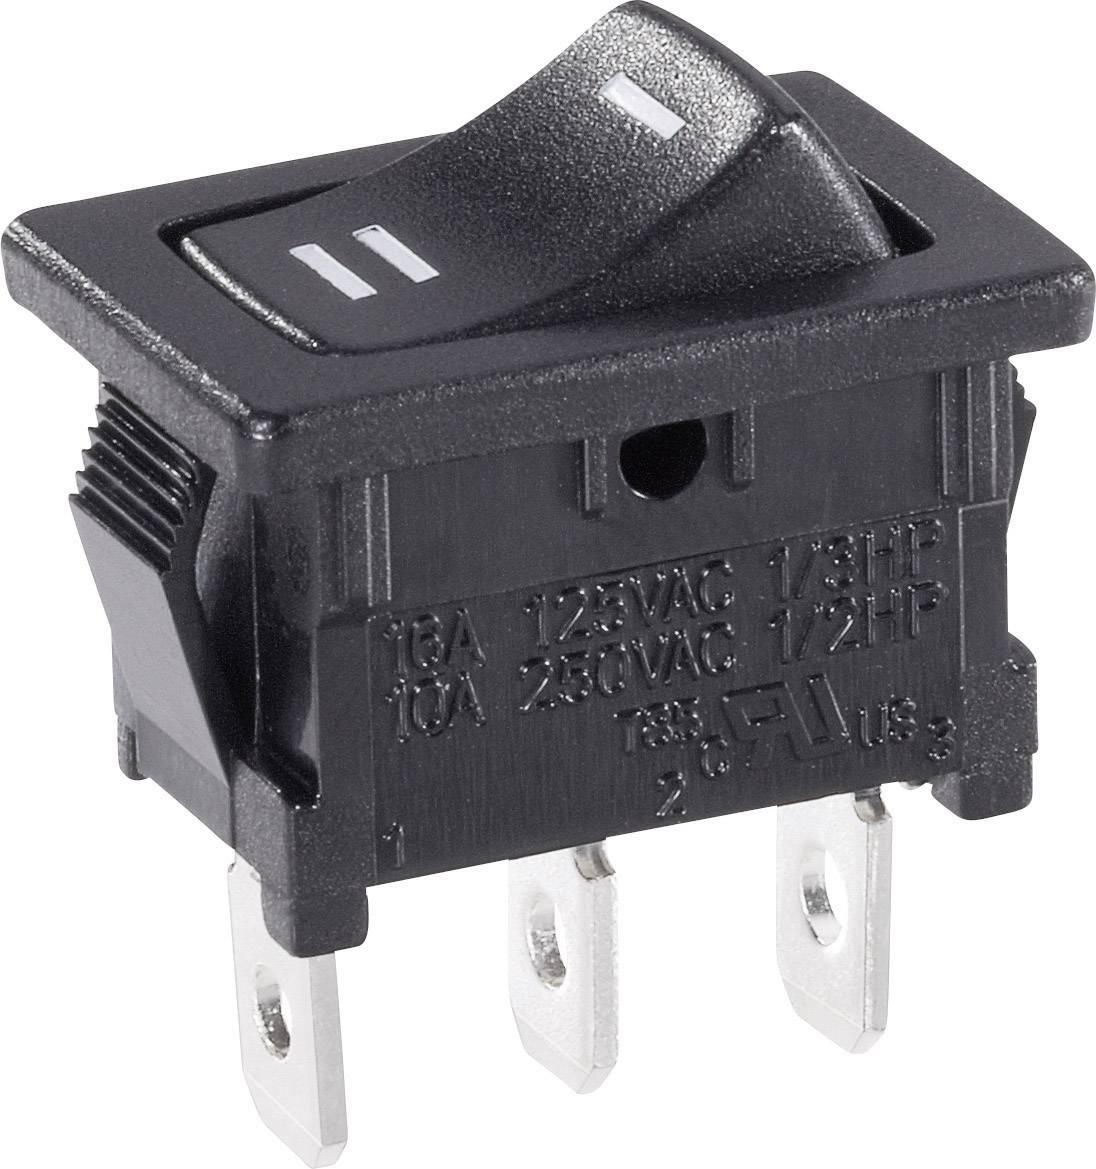 Kolískový spínač s aretáciou TRU COMPONENTS TC-R13-66C-02, 250 V/AC, 6 A, 1 zap/zap, 1 ks